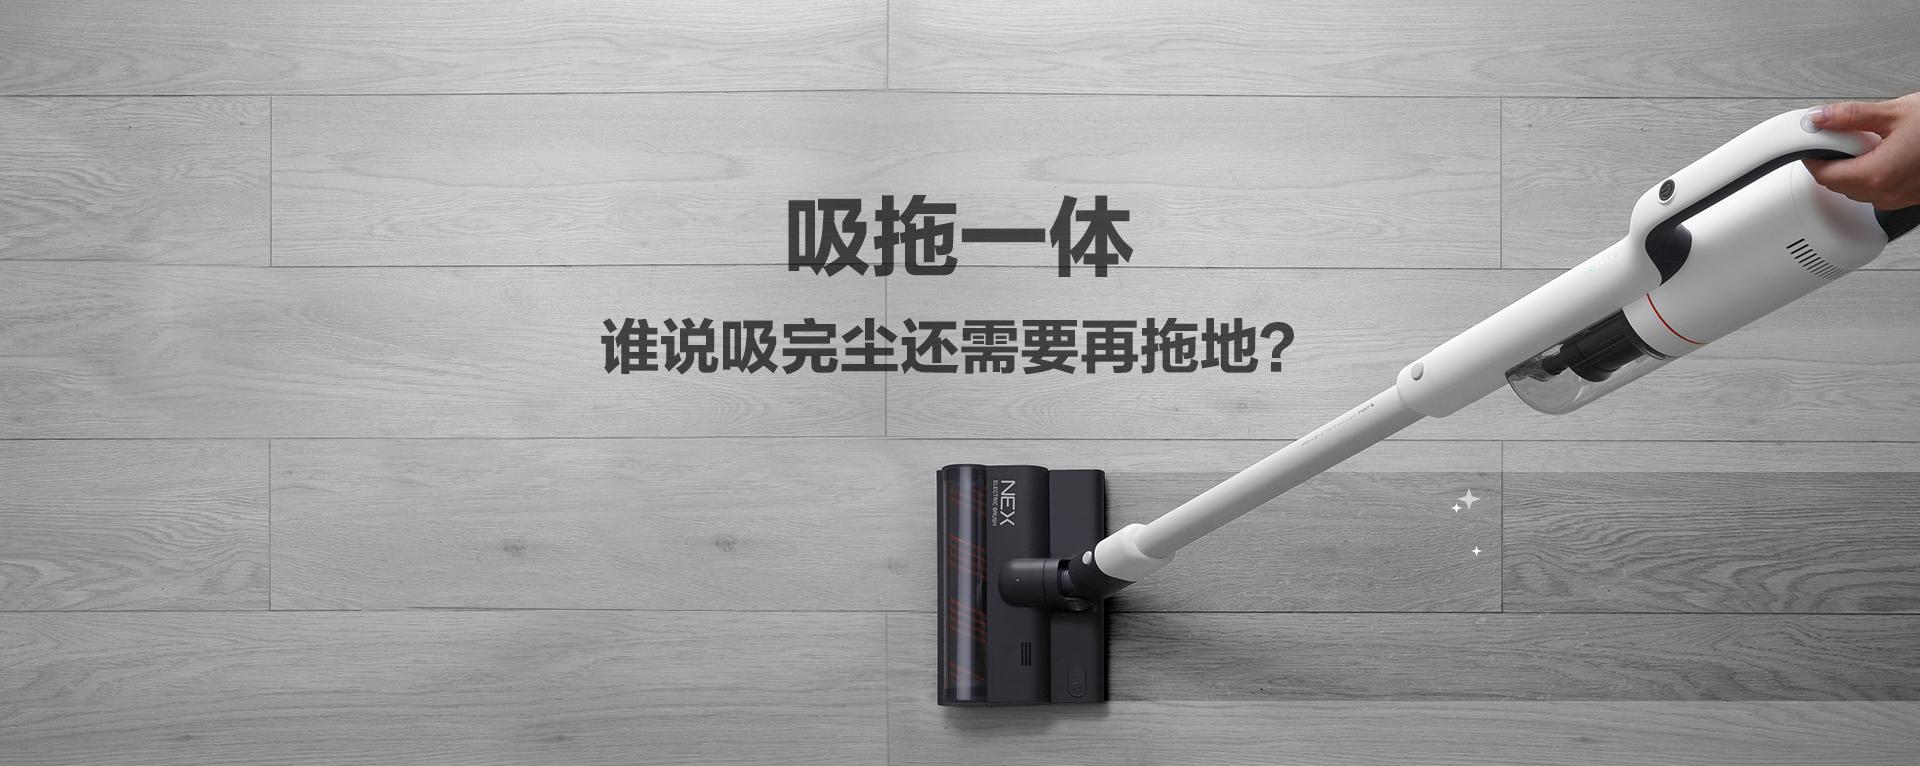 睿米吸尘器品牌设身处地的为广大消费者考虑,满足消费者需求的同时,照顾到消费者的用户